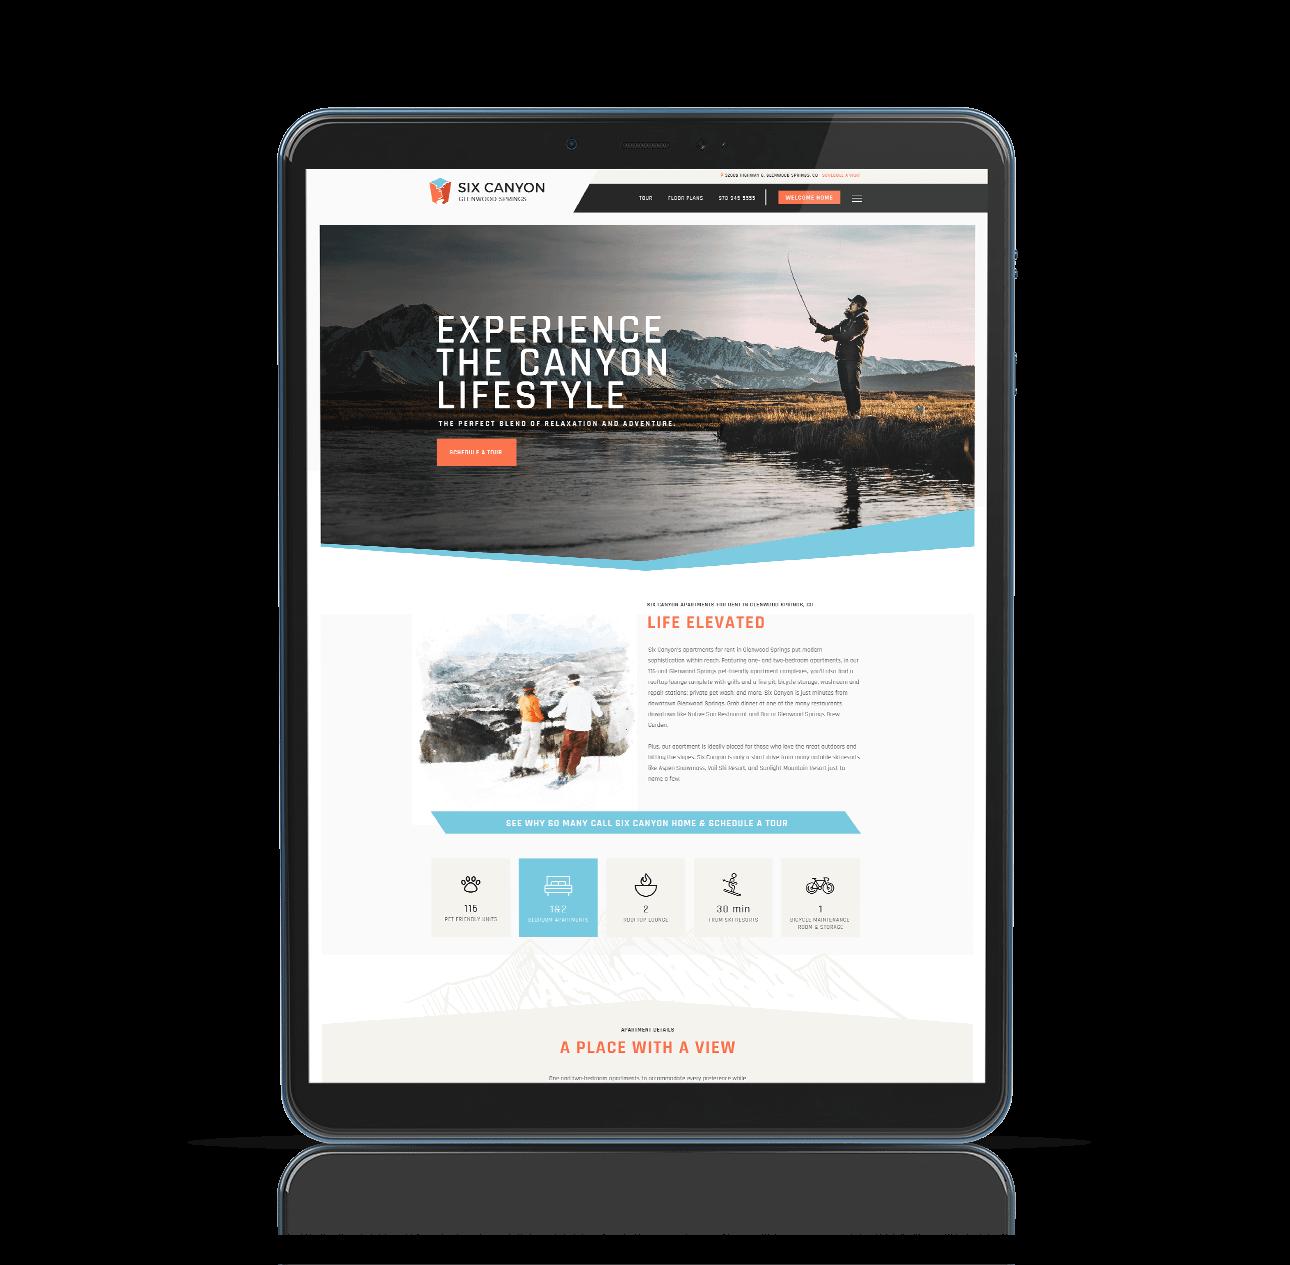 website mockup on tablet device